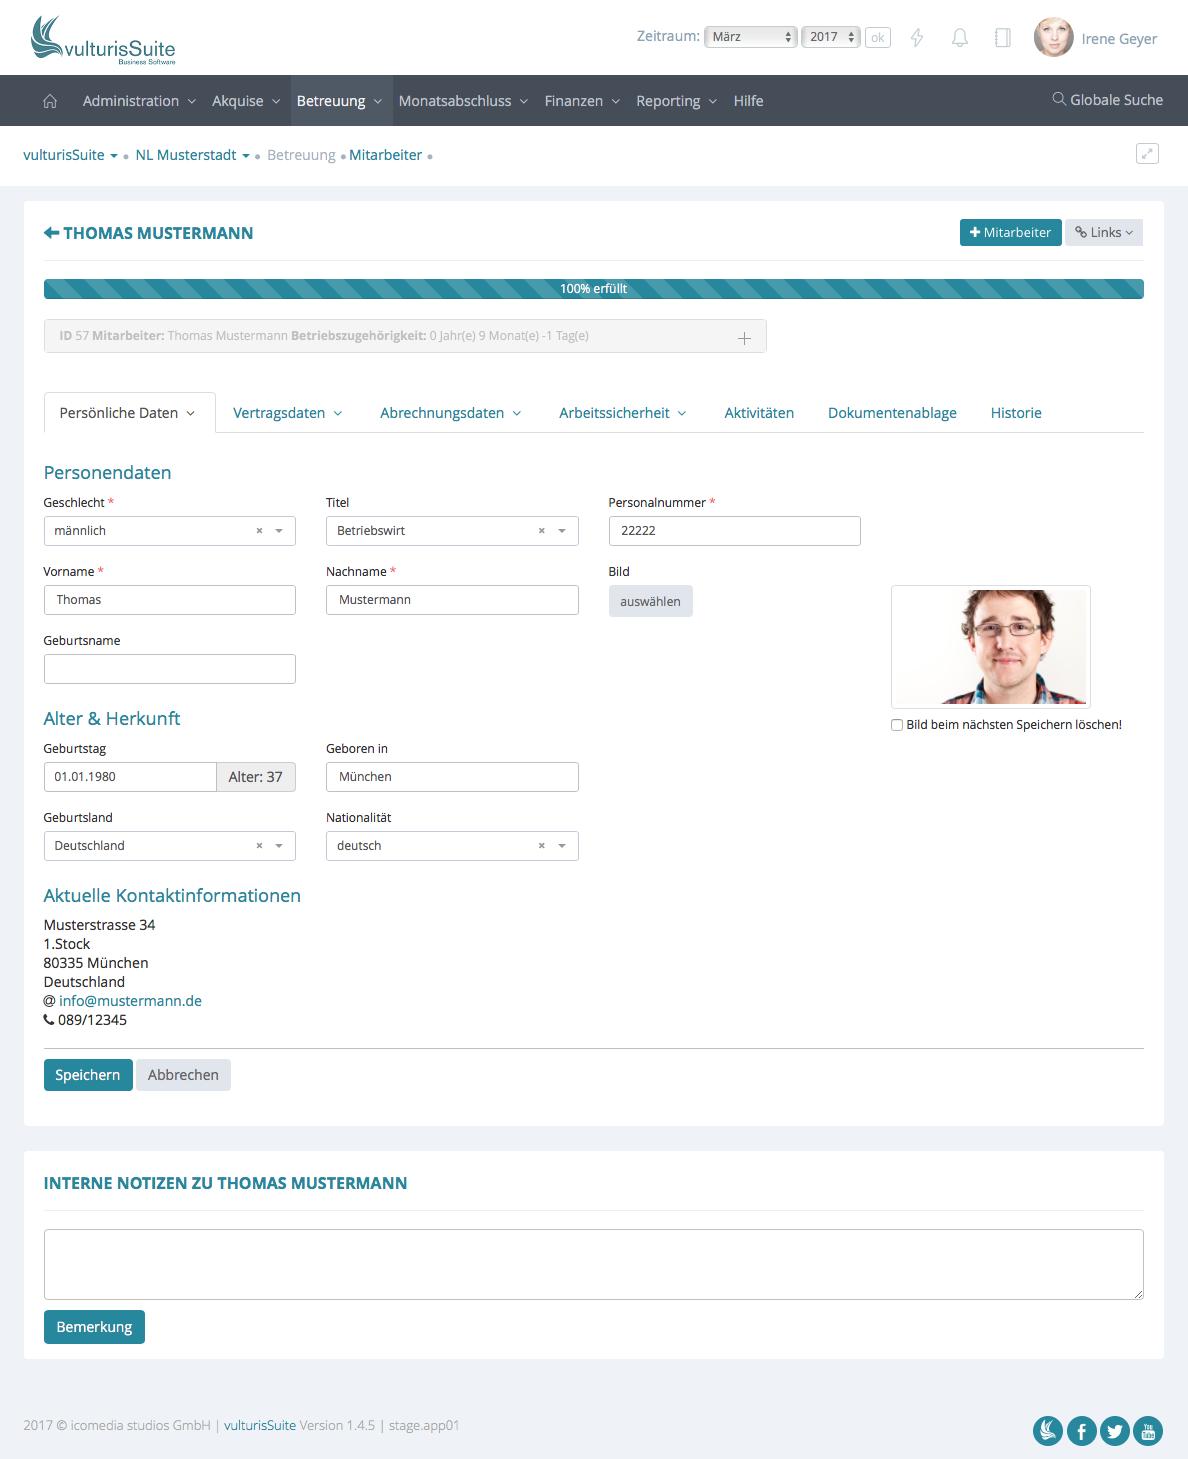 vulturisLohn - Lohnabrechnung - Mitarbeiter - Personendaten